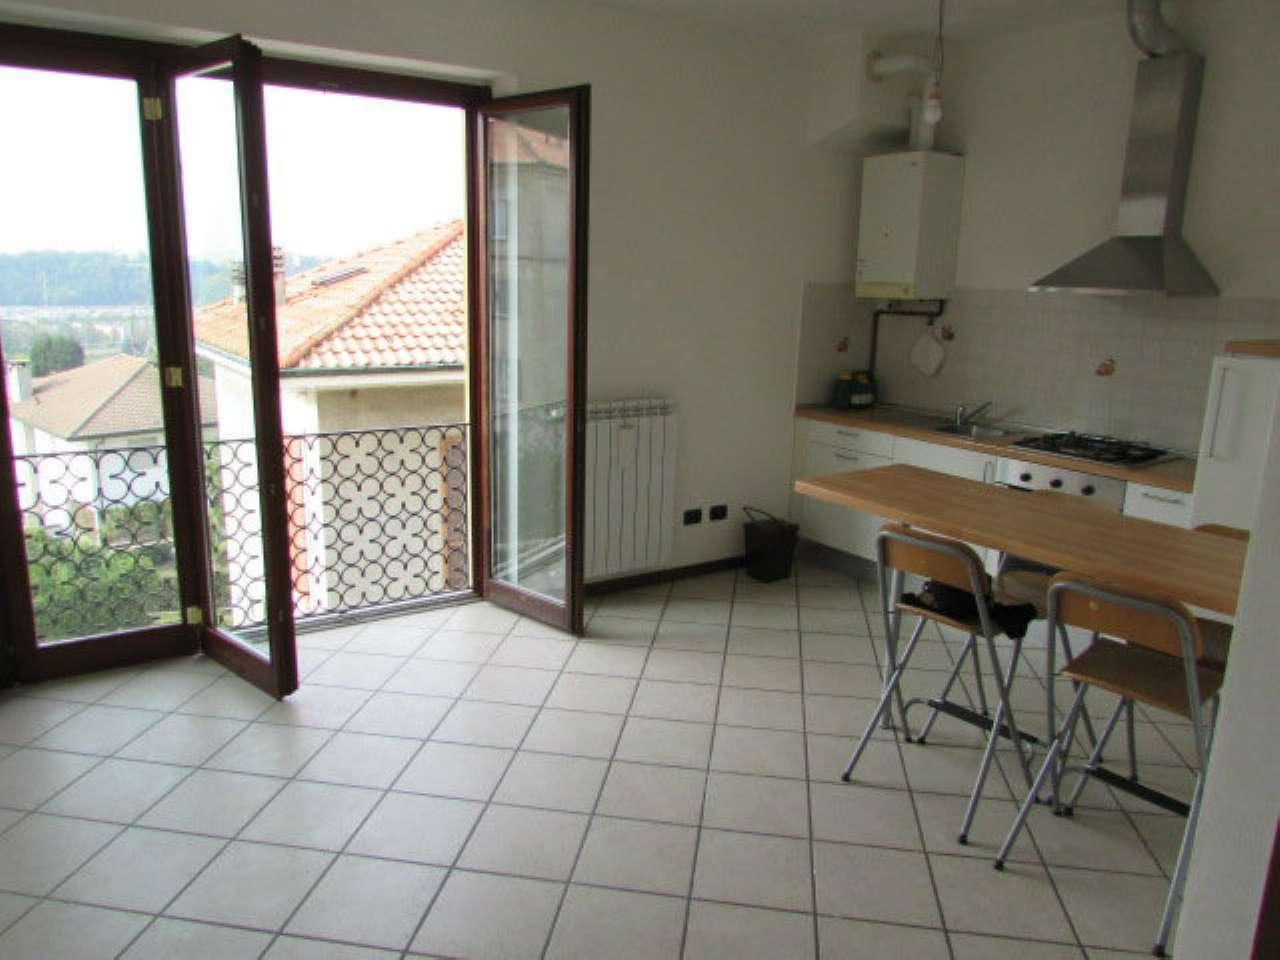 Appartamento in vendita a Carimate, 2 locali, prezzo € 85.000 | PortaleAgenzieImmobiliari.it